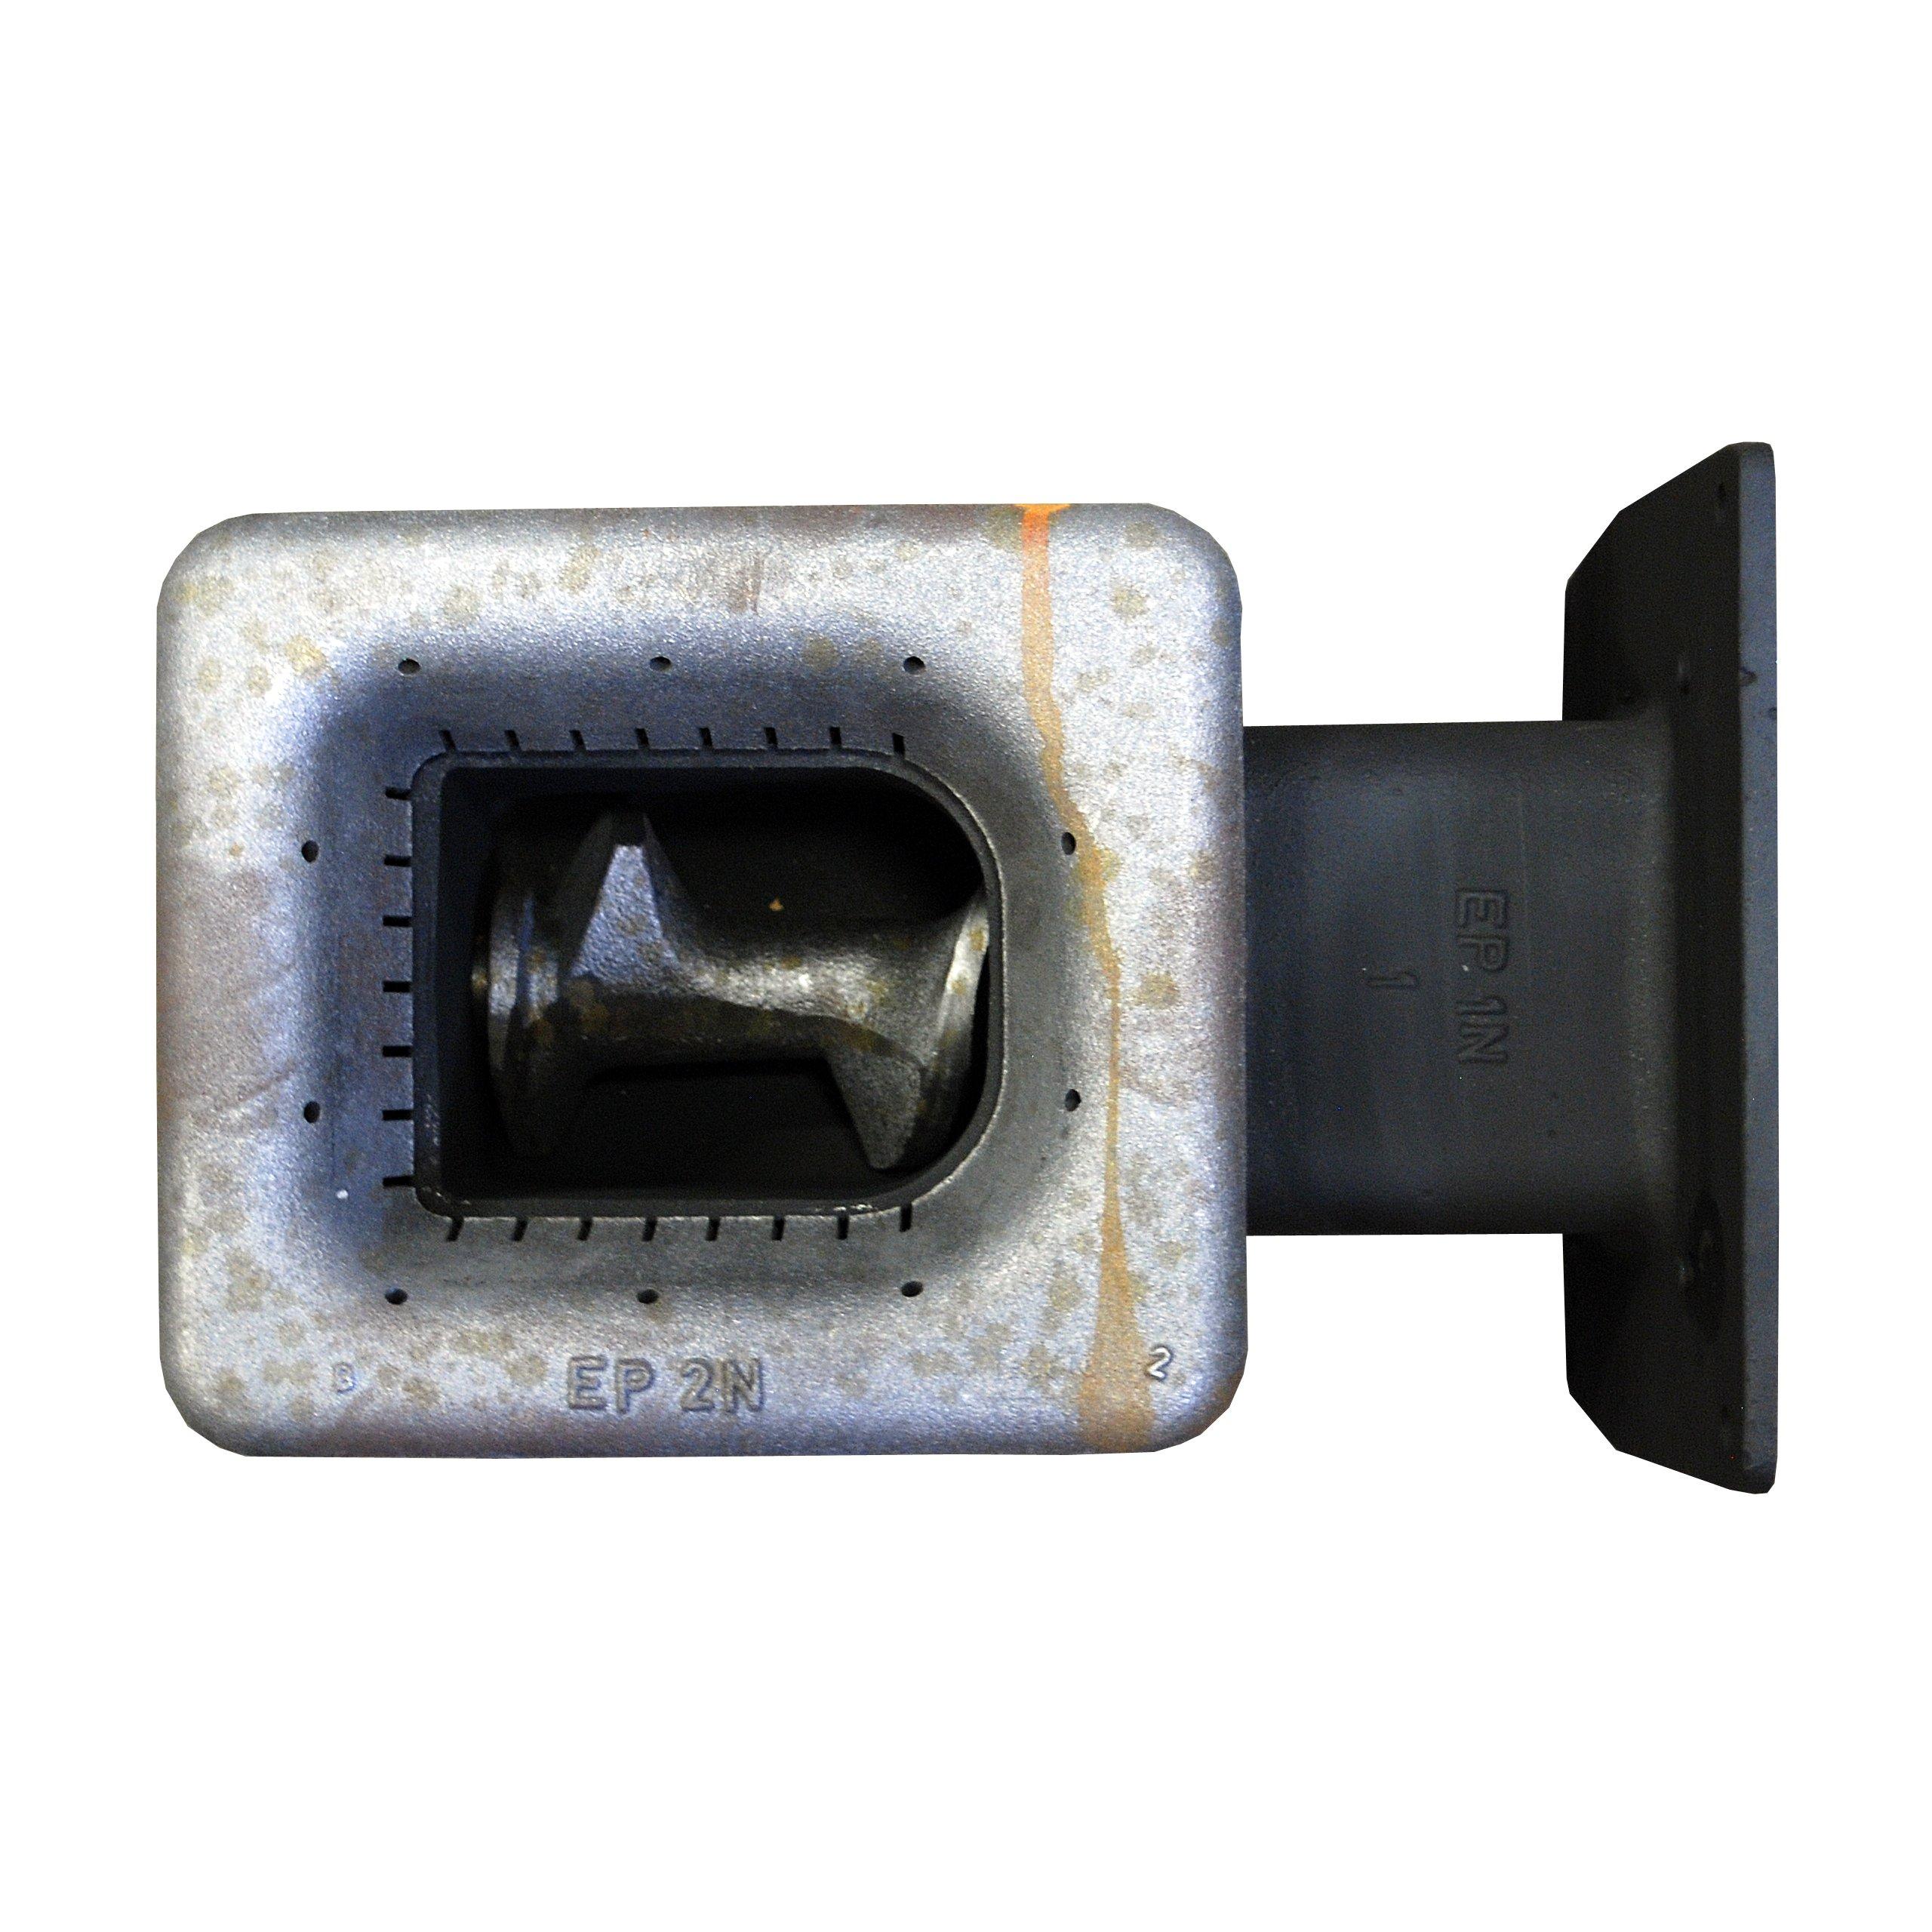 Liatinový podávač, závitovka pre jemnú pec 25 kW. Hmotnosť produktu s jednotkovým balením 100 kg